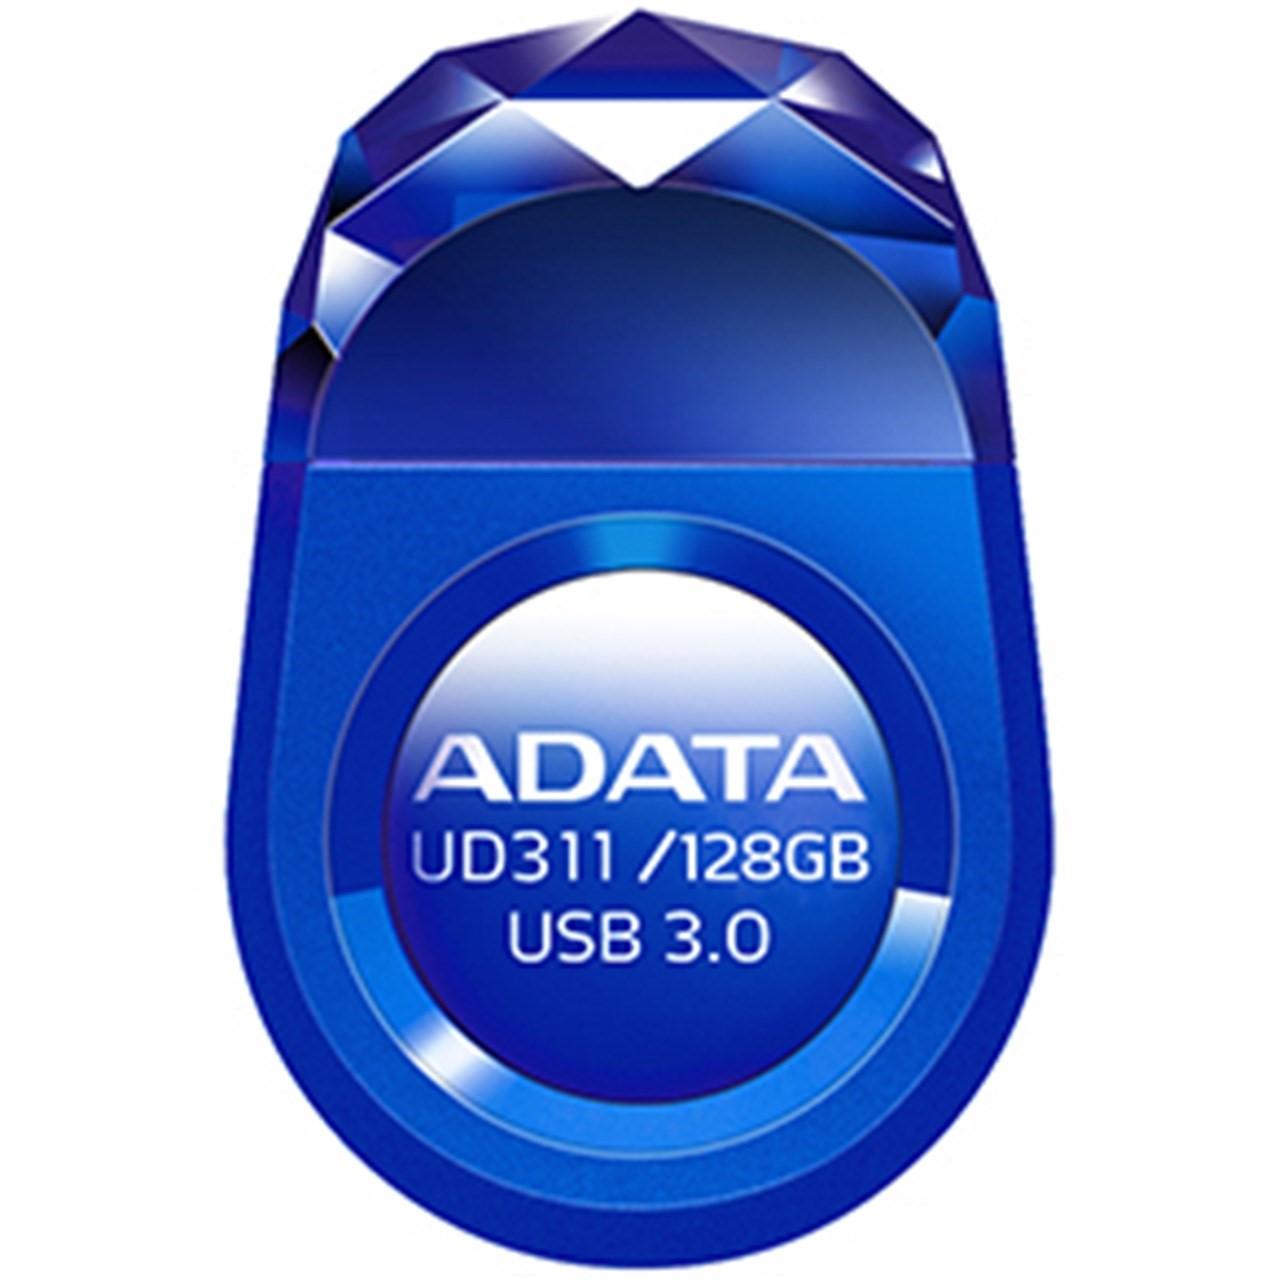 فلش مموری ای دیتا UD311 - 128GB